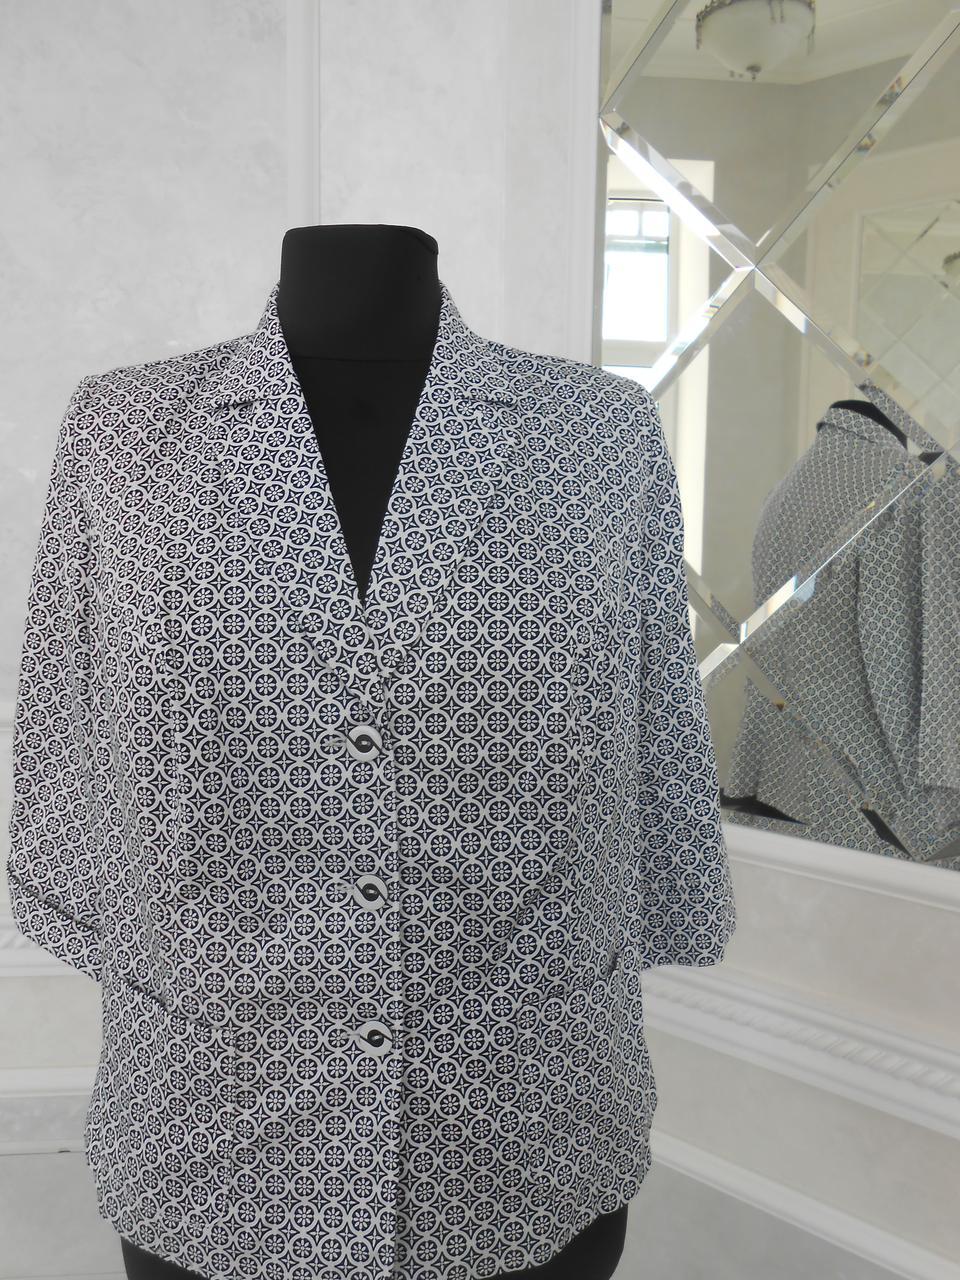 Жакет жіночий літній бавовняний біло-чорний з кишенями великого розміру 60